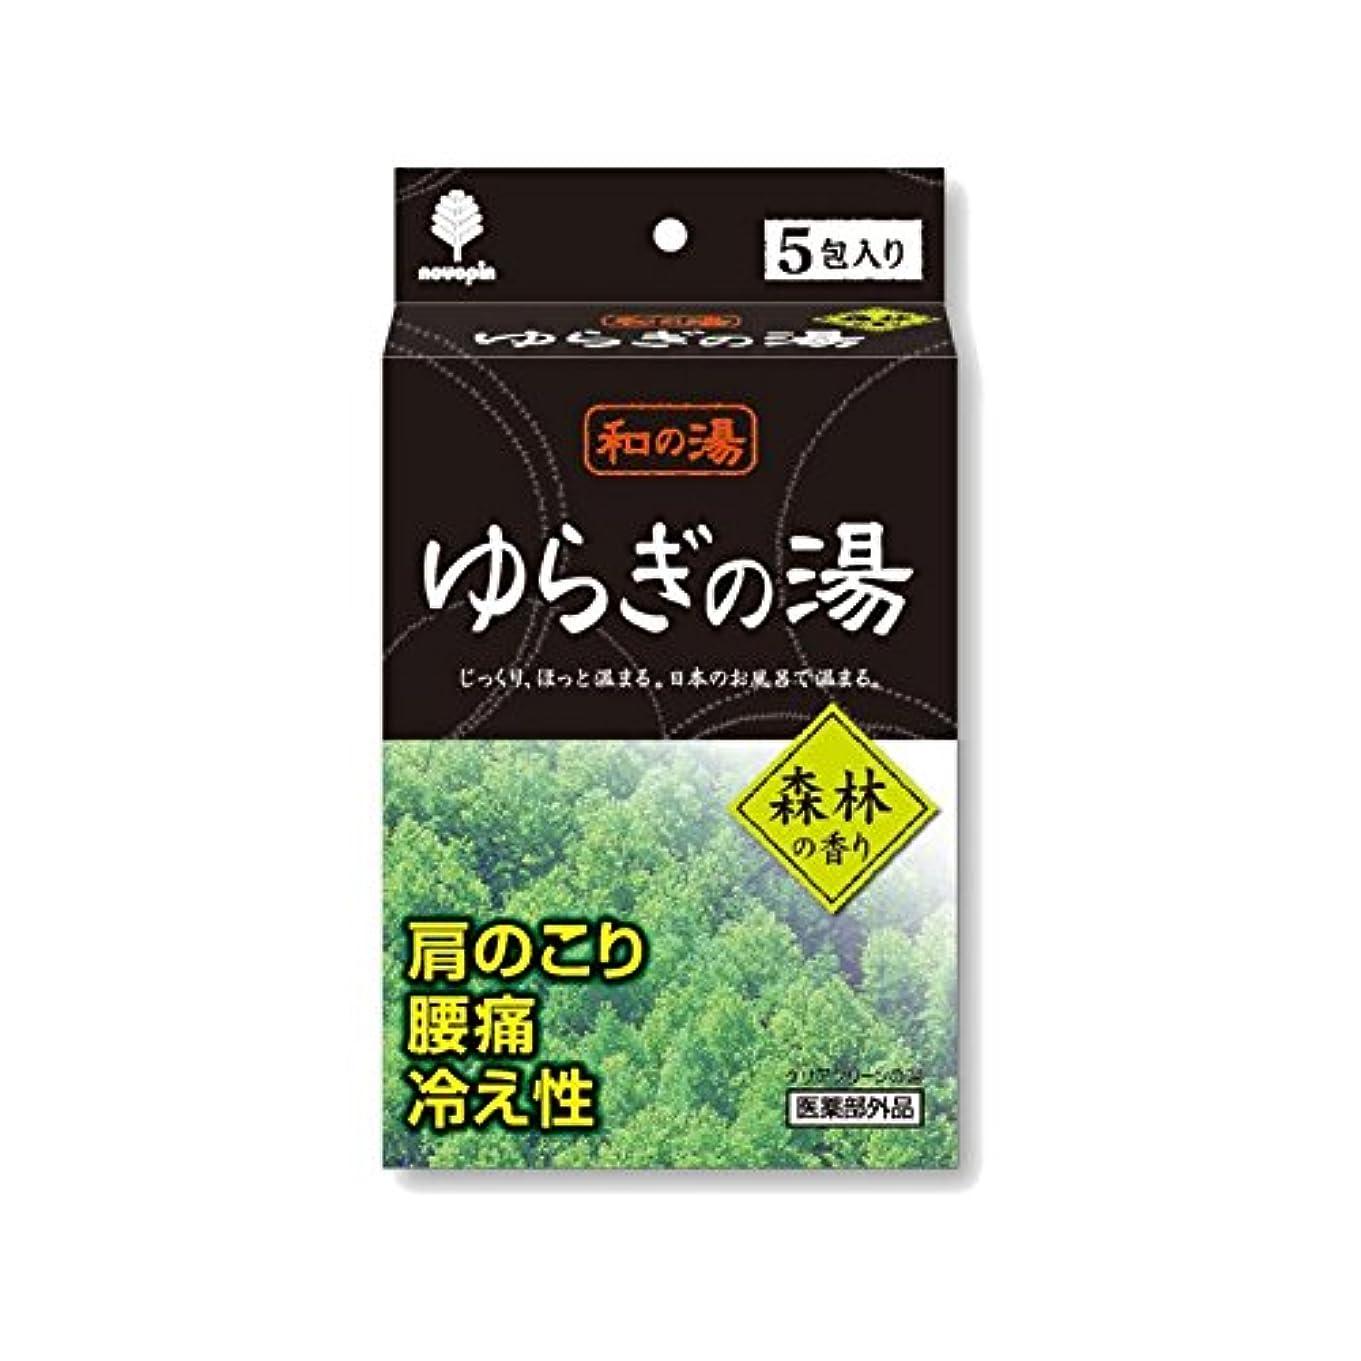 アテンダント不毛の化学薬品和の湯 ゆらぎの湯 森林の香り(25gx5)x10